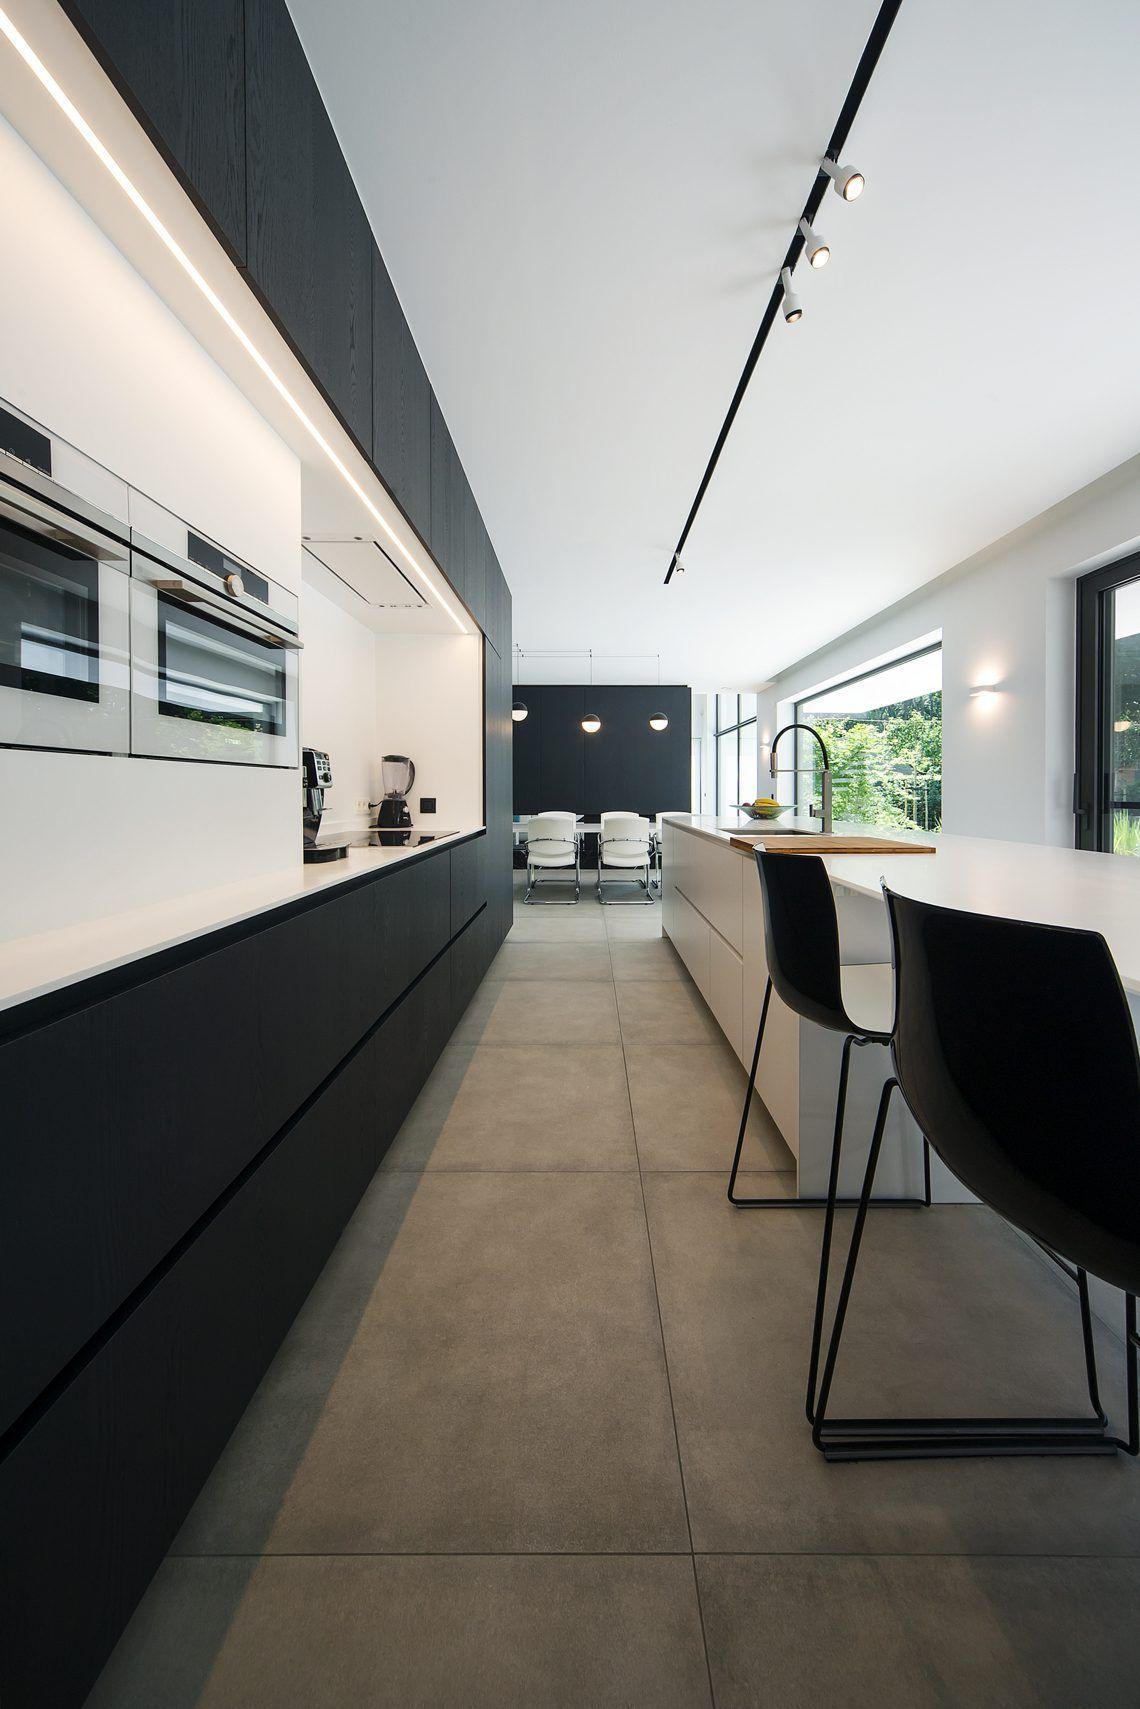 Imore interieur architectuur moderne villa antwerpse kempen hoog □ exclusieve woon en tuin inspiratie